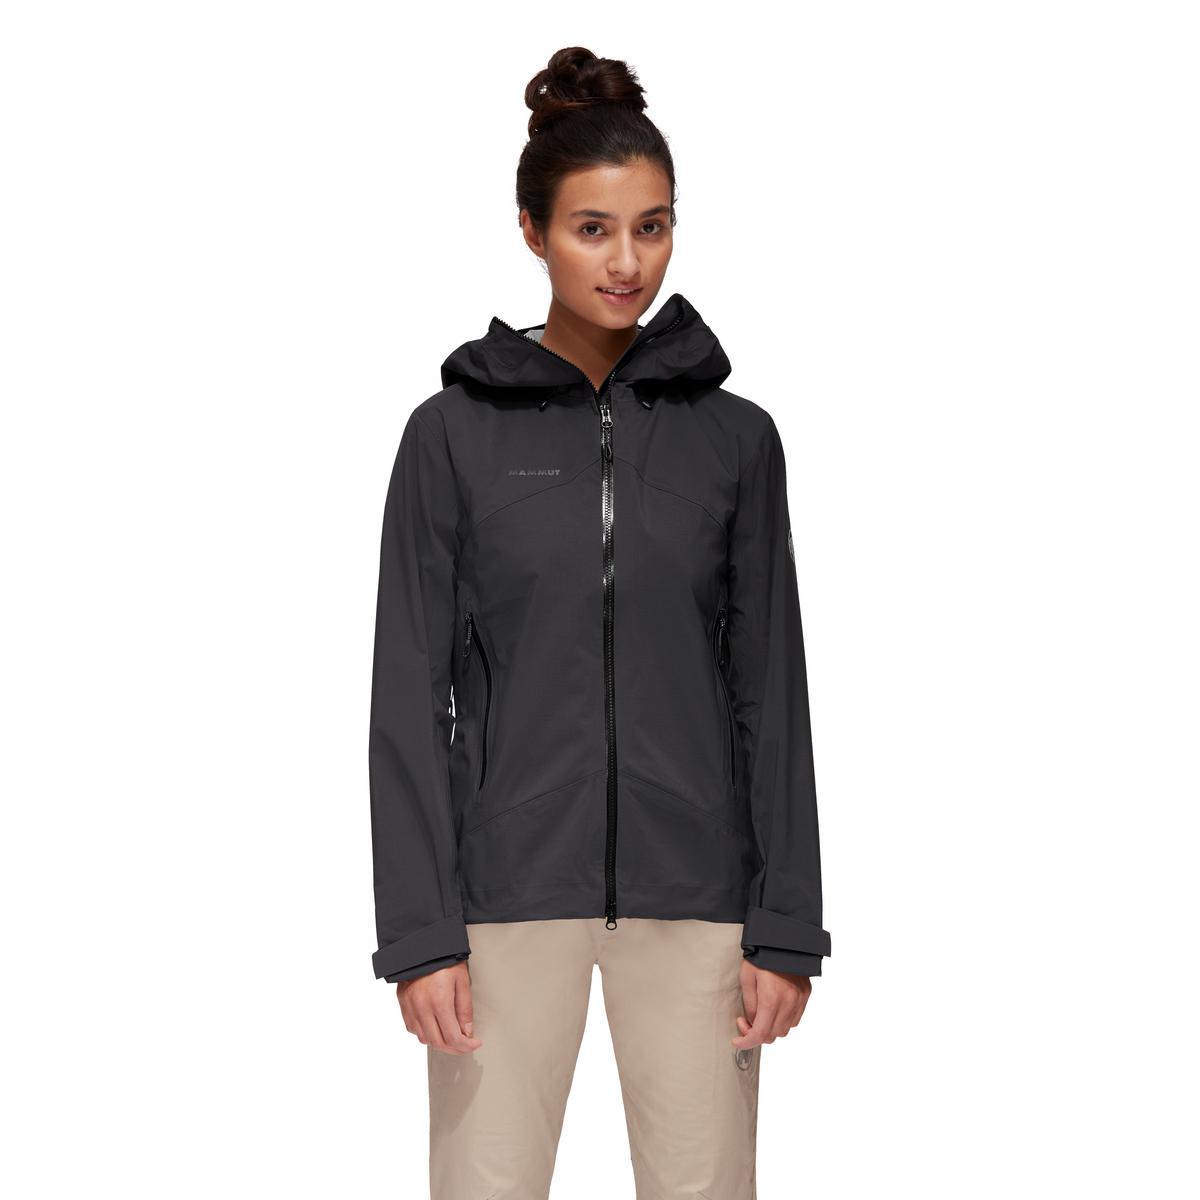 Mammut Womens Kento Hooded Hardshell jacket